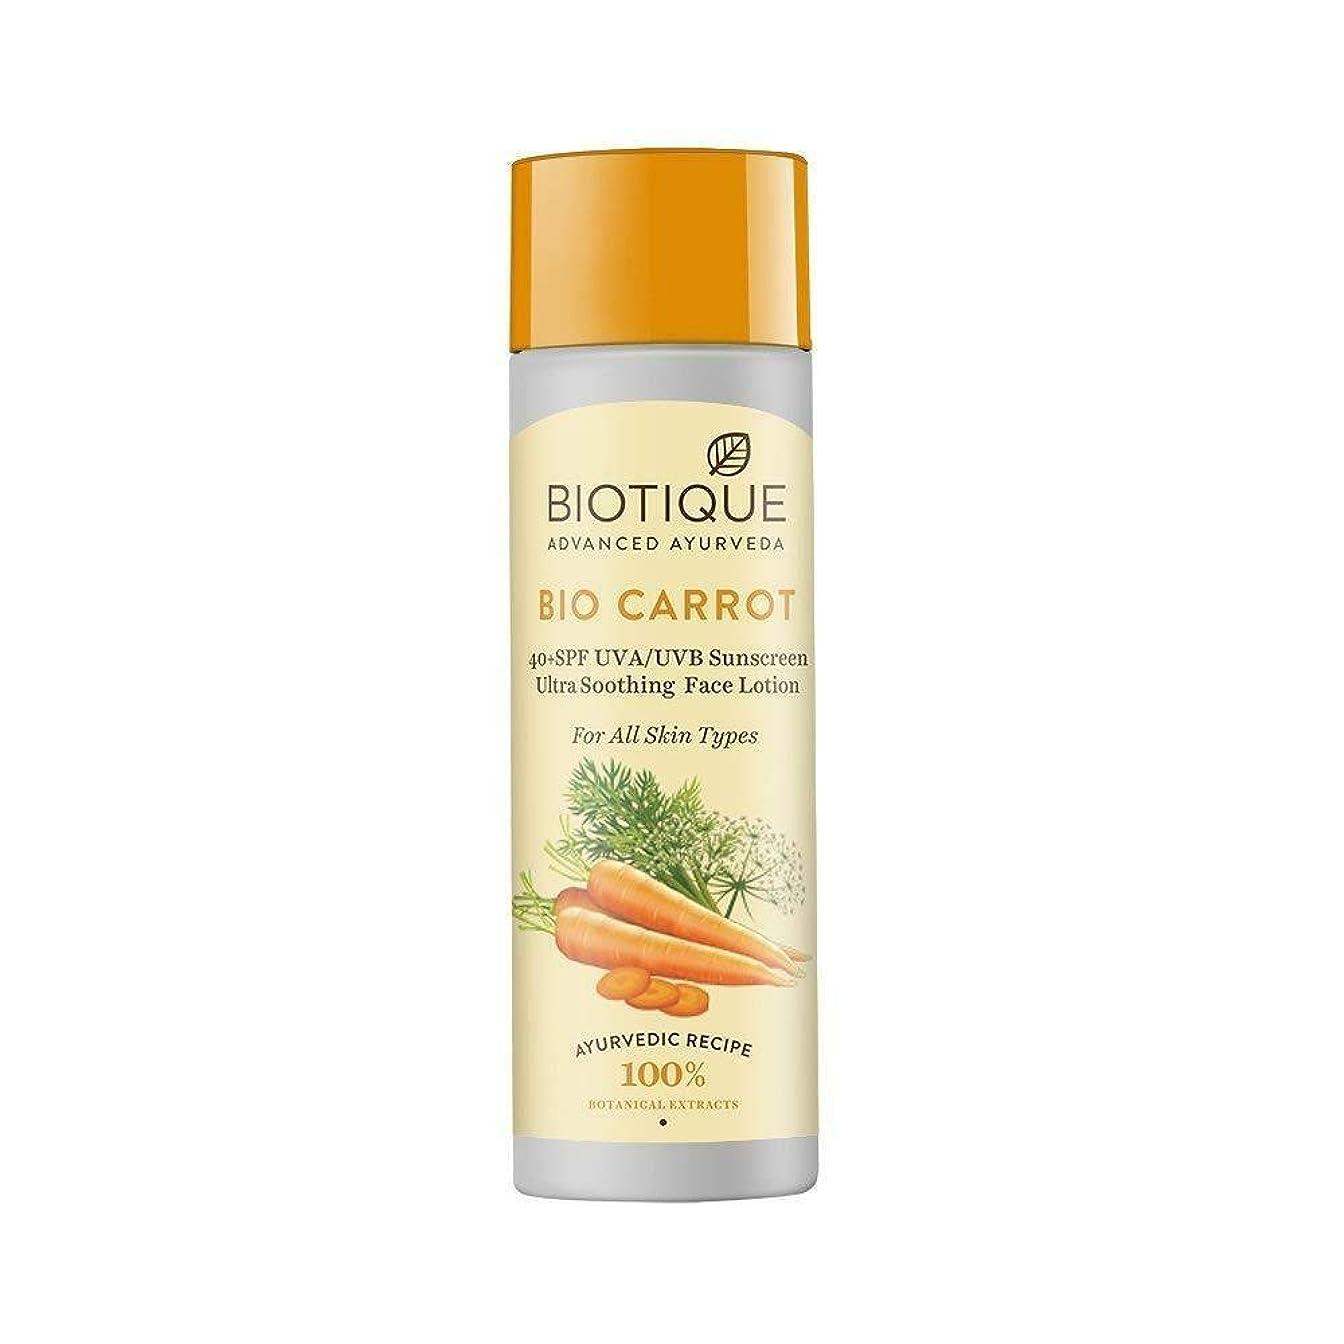 欲求不満余剰歌Biotique Bio Carrot Face & Body Sun Lotion SPF 40 UVA/UVB Sunscreen 190ml ビオティックバイオニンジンフェイス&ボディサンローションSPF 40 UVA/UVB日焼け止め